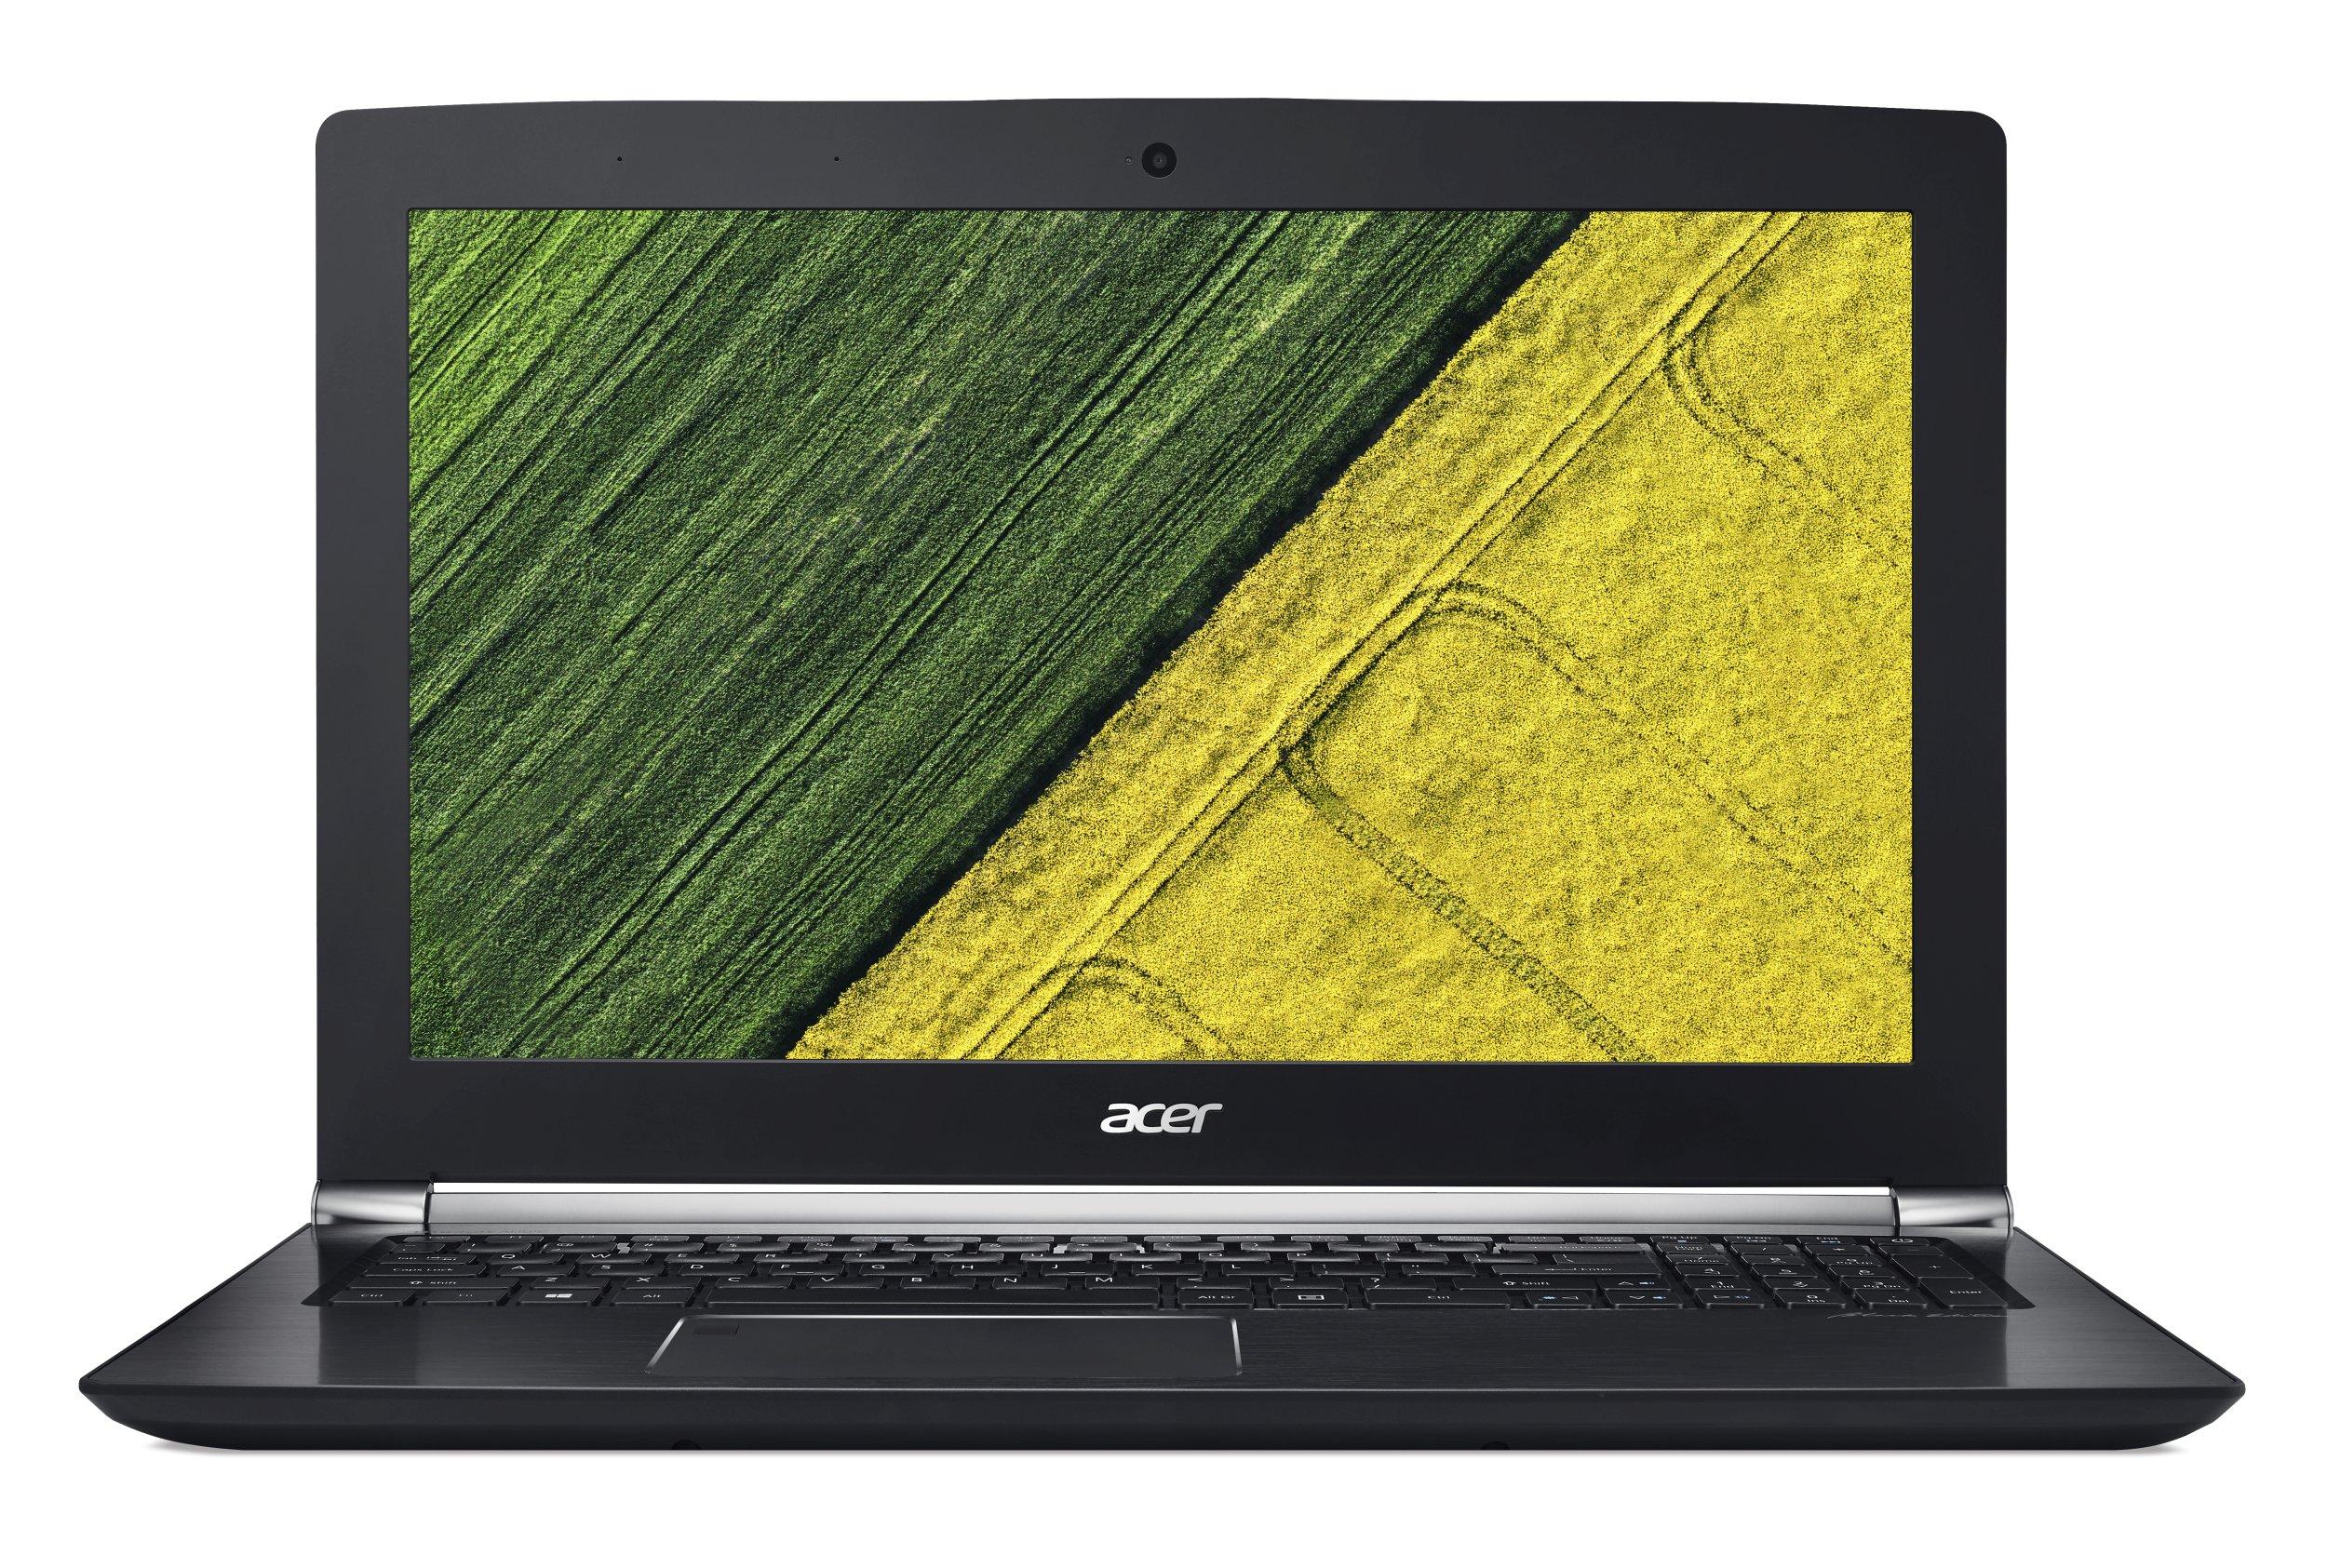 """Acer Aspire V15 Nitro (VN7-593G-771J) i7-7700HQ/8GB+8GB/256GB SSD+1TB/GTX 1060 6GB/15.6"""" FHD IPS matný/W10 Home/Black"""